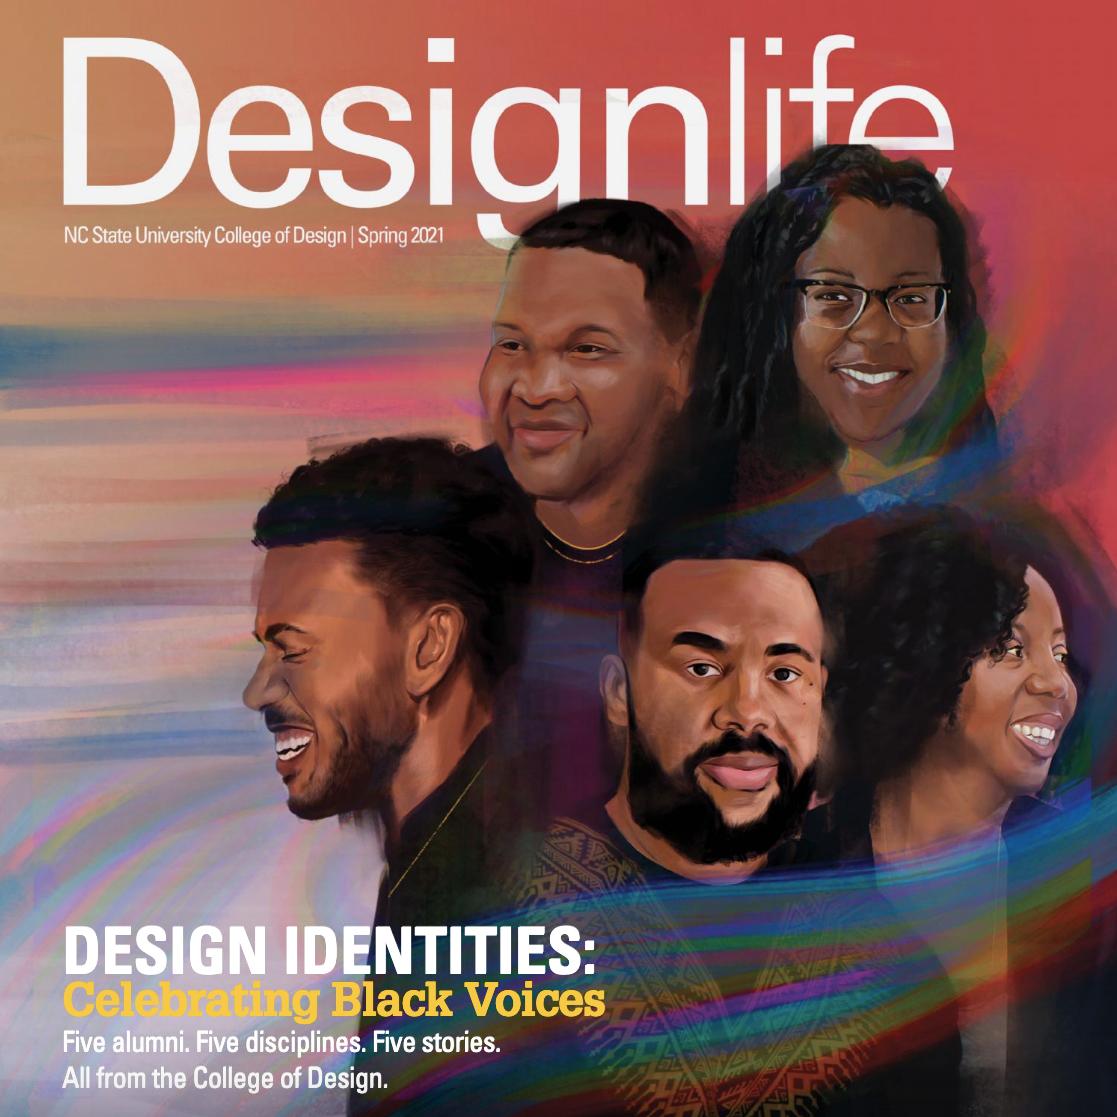 Designlife Magazine Spring 2021